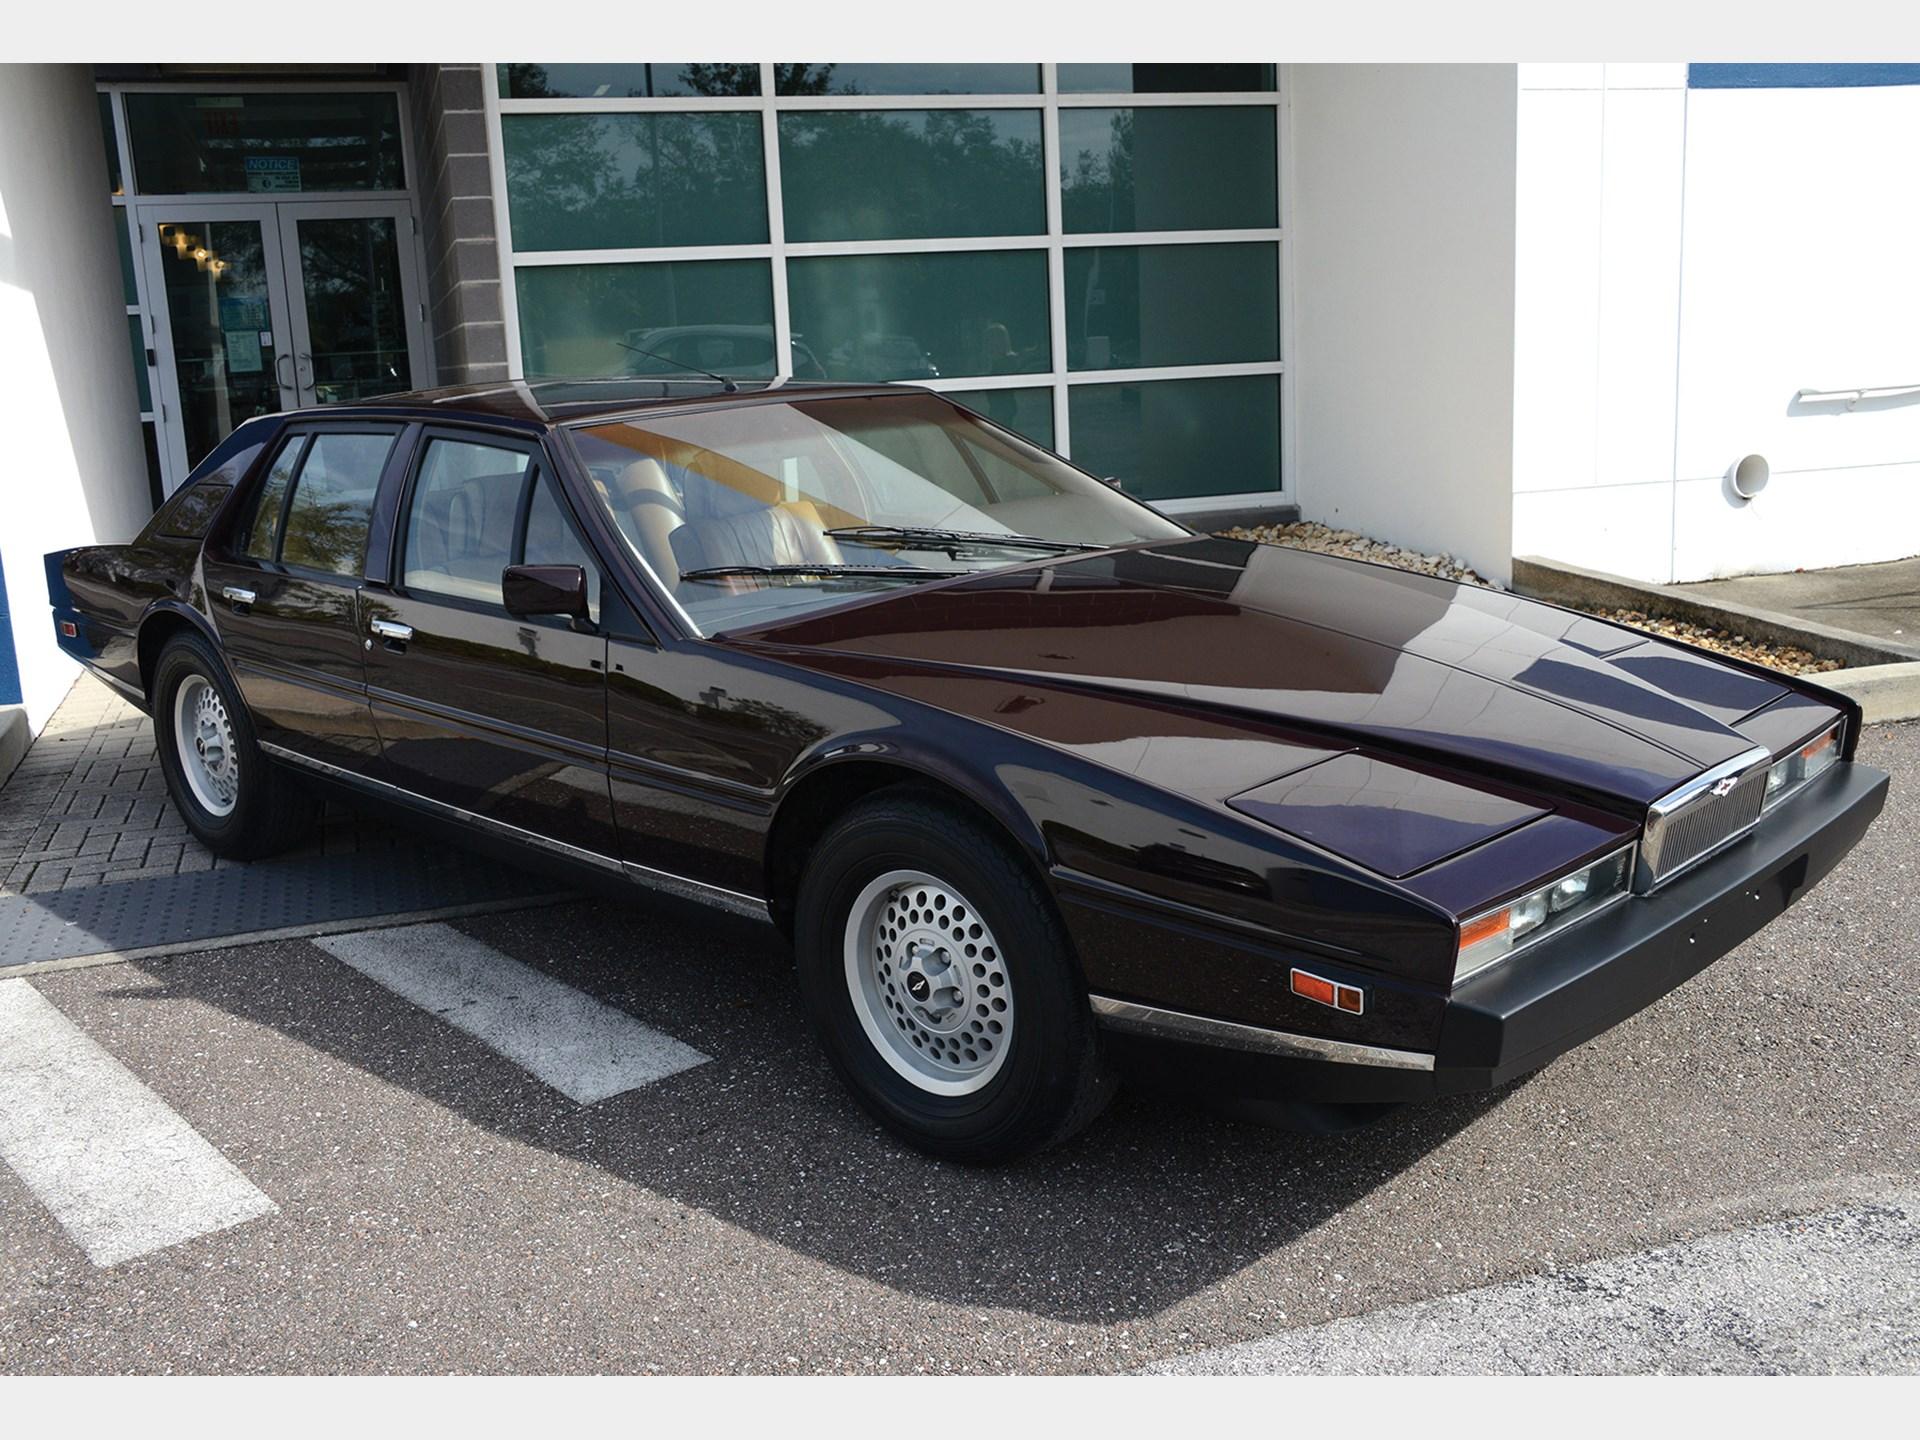 RM Sothebys Aston Martin Lagonda Fort Lauderdale - Aston martin lagonda